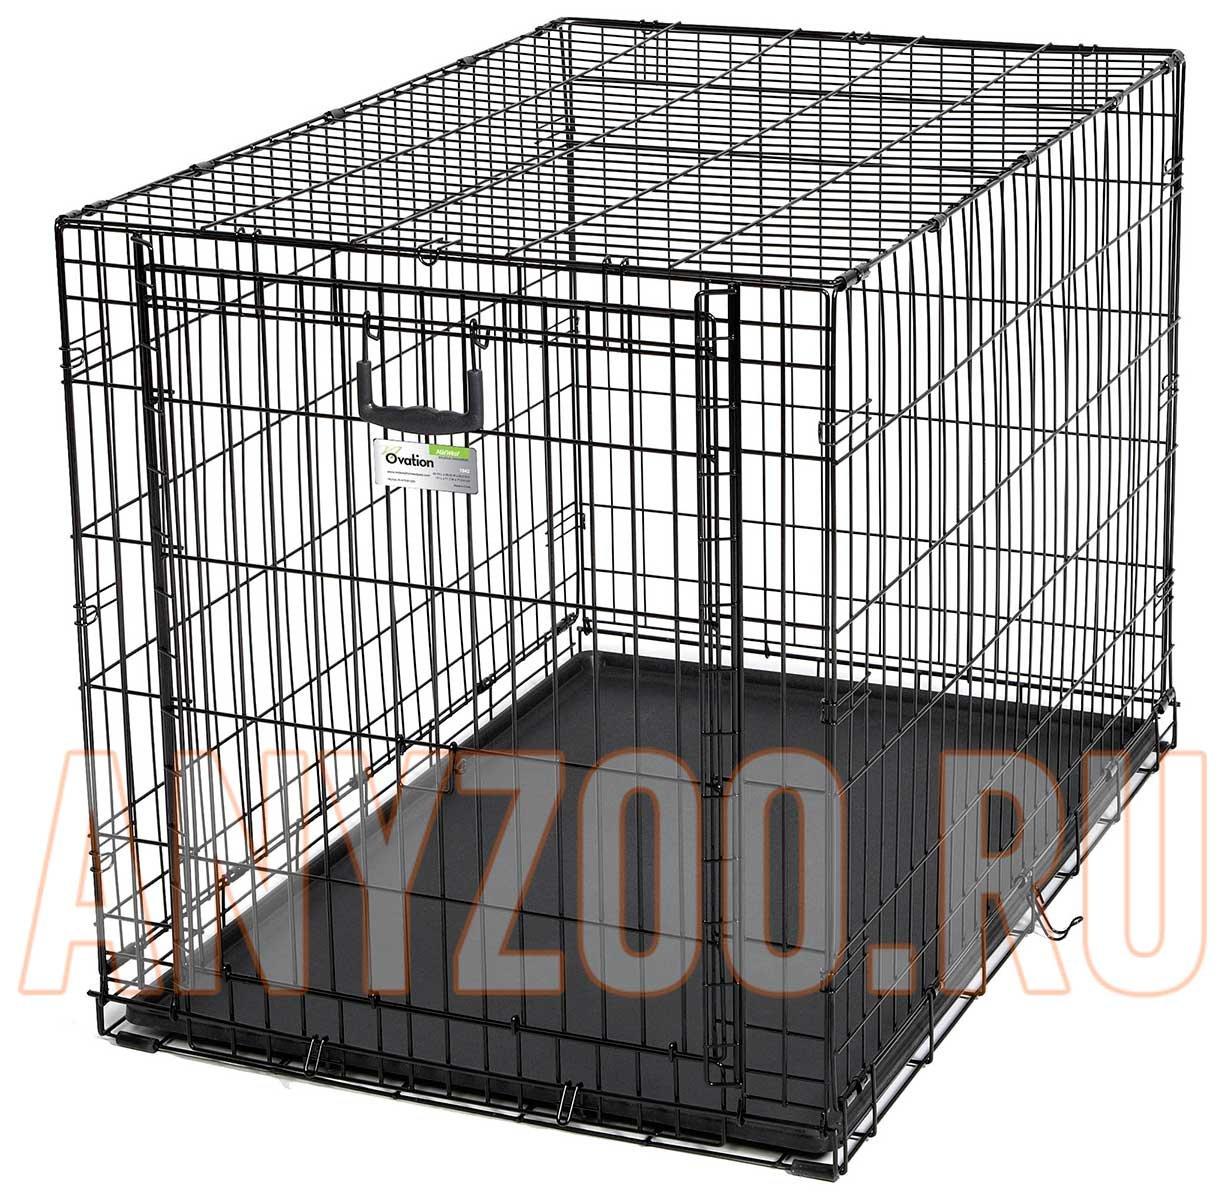 Midwest Ovation Crate клетка для собак черная, 1 дверь 111*73,6*77,4см ( Клетки, вольеры для собак )